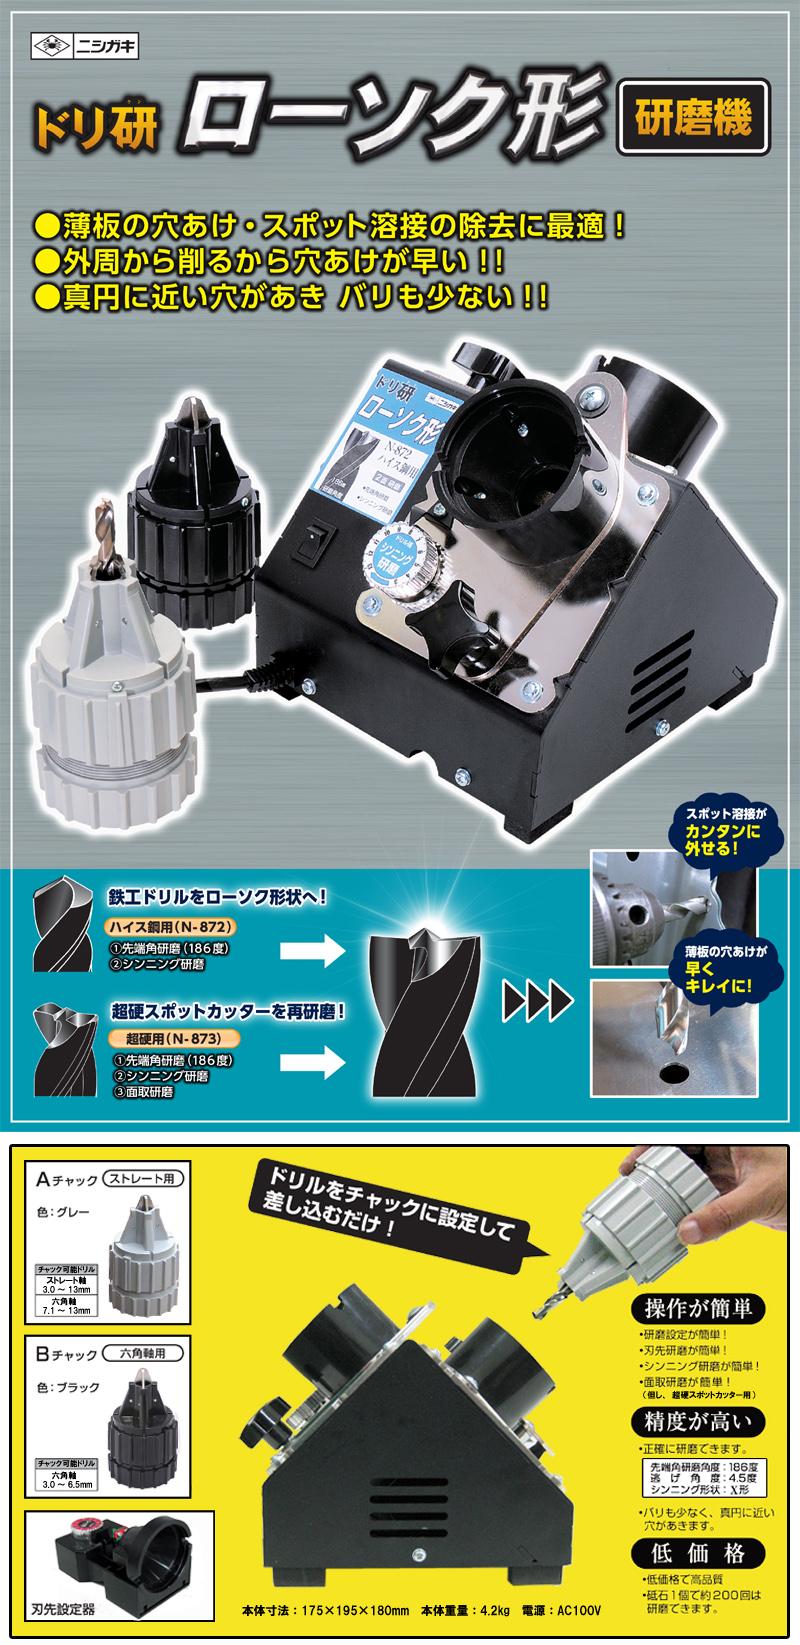 N-872 ドリ研ローソク形ハイス鋼用研磨機 ニシガキ 三冨D